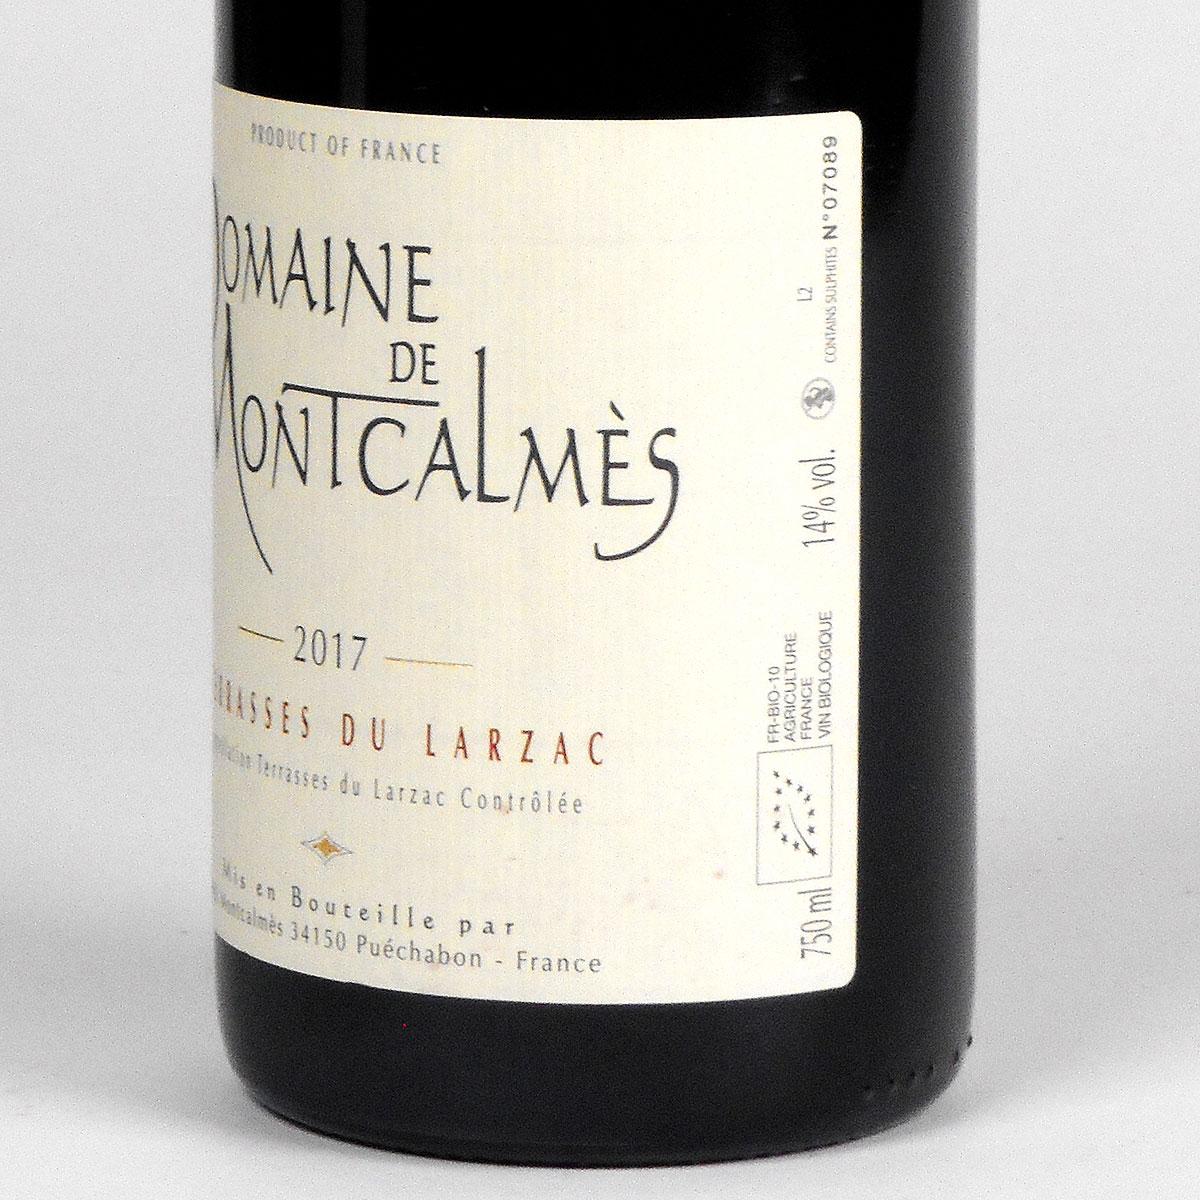 AOC Terrasses du Larzac: Domaine de Montcalmès Rouge 2017 - Bottle Side Label